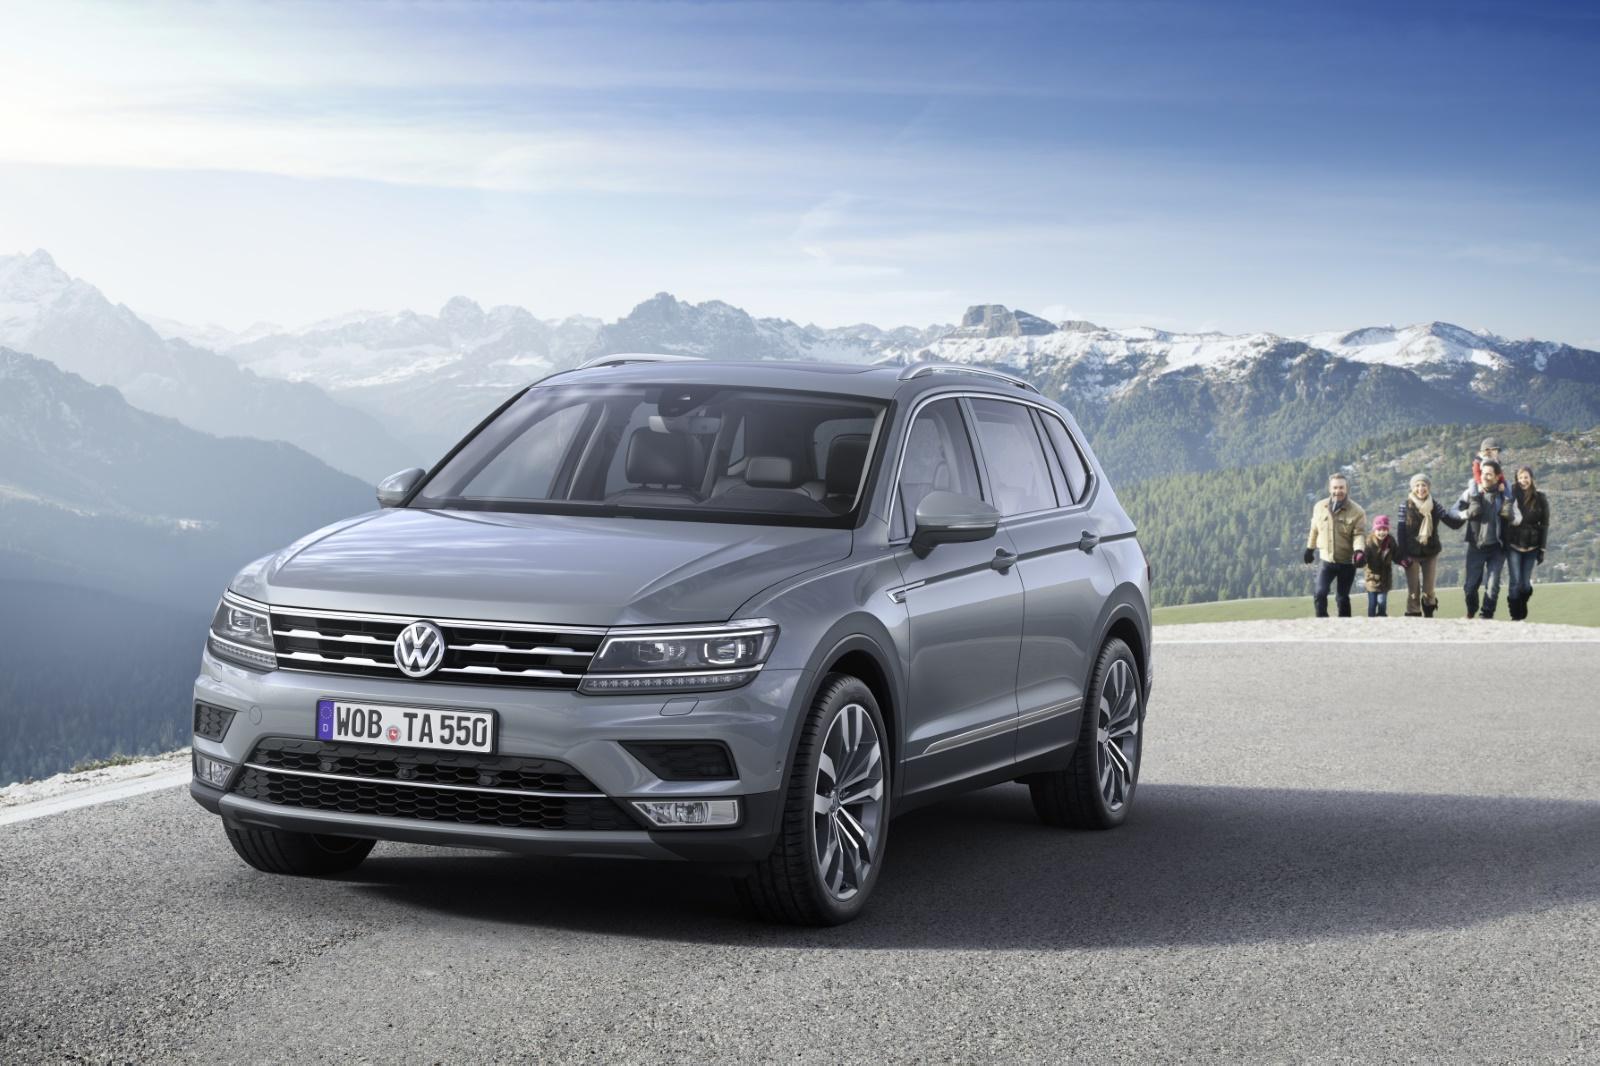 Volkswagen Tiguan - Informatie en prijzen | Autotrack.nl